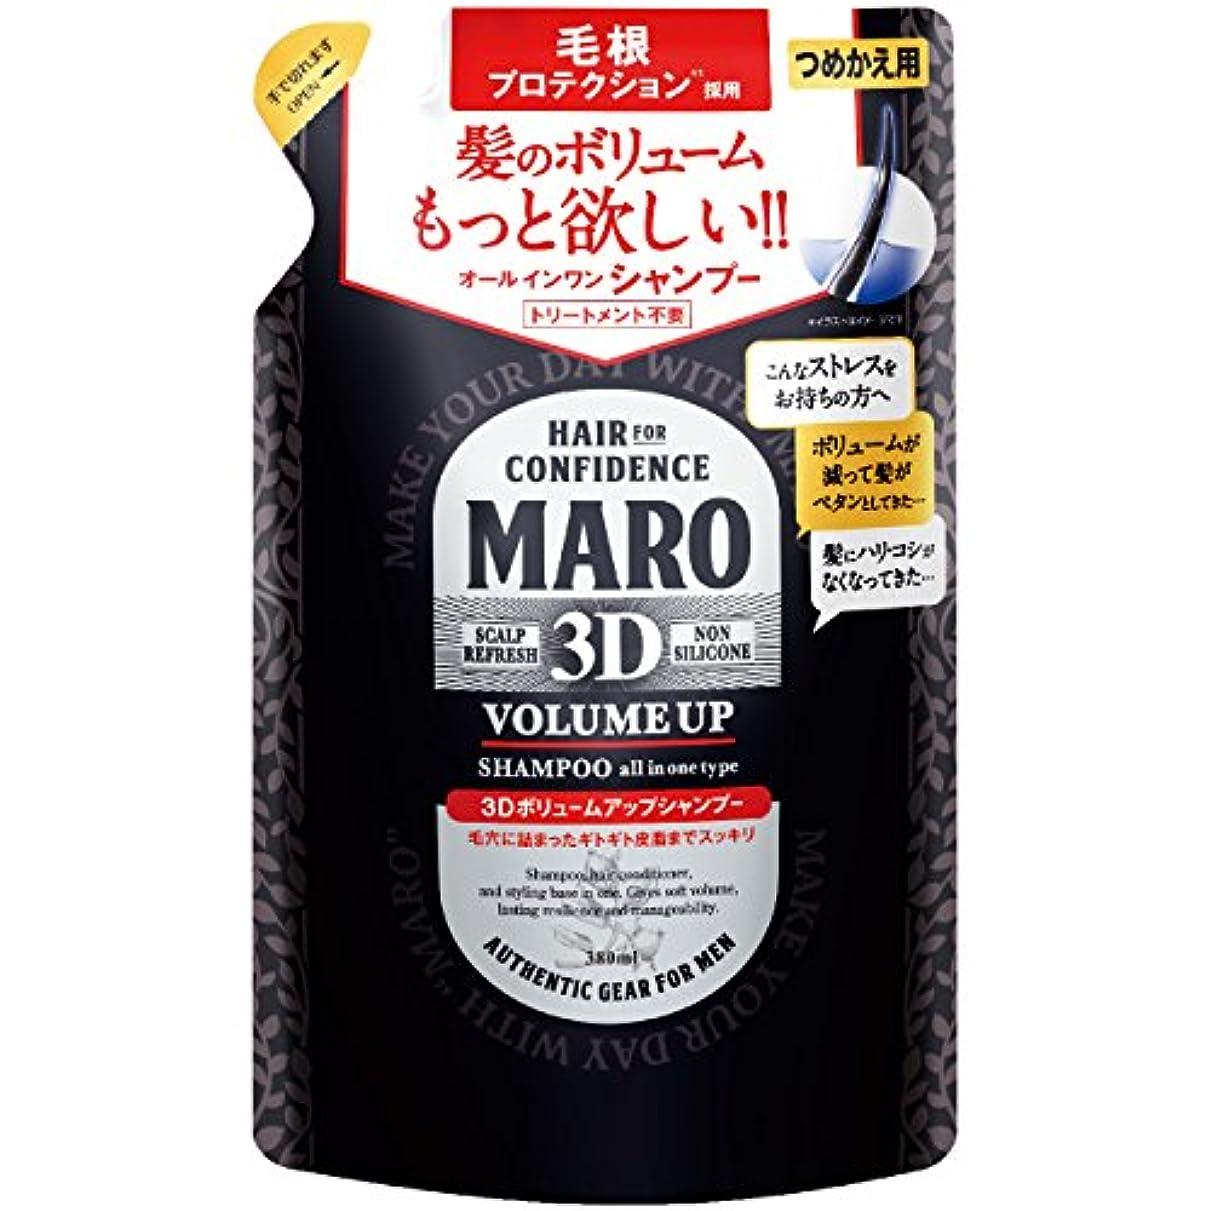 過剰動かす泥だらけMARO 3Dボリュームアップ シャンプー EX 詰め替え 380ml